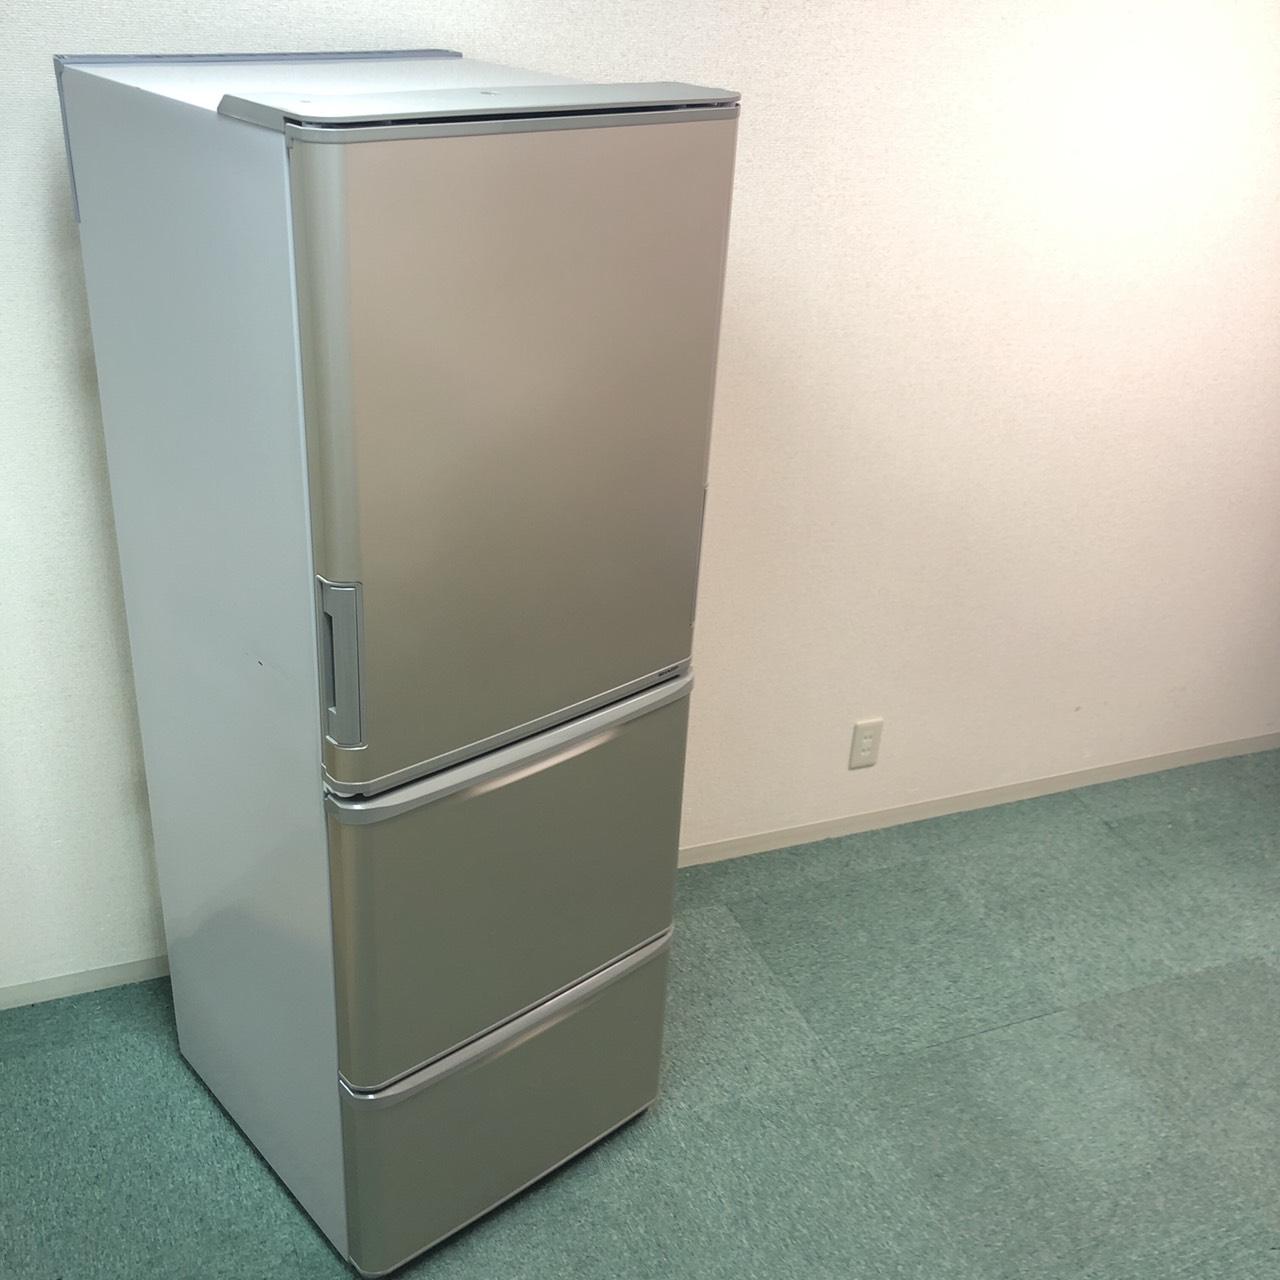 2fbc620ee69ab 冷蔵庫を売るならおすすめ買取業者を602社比較